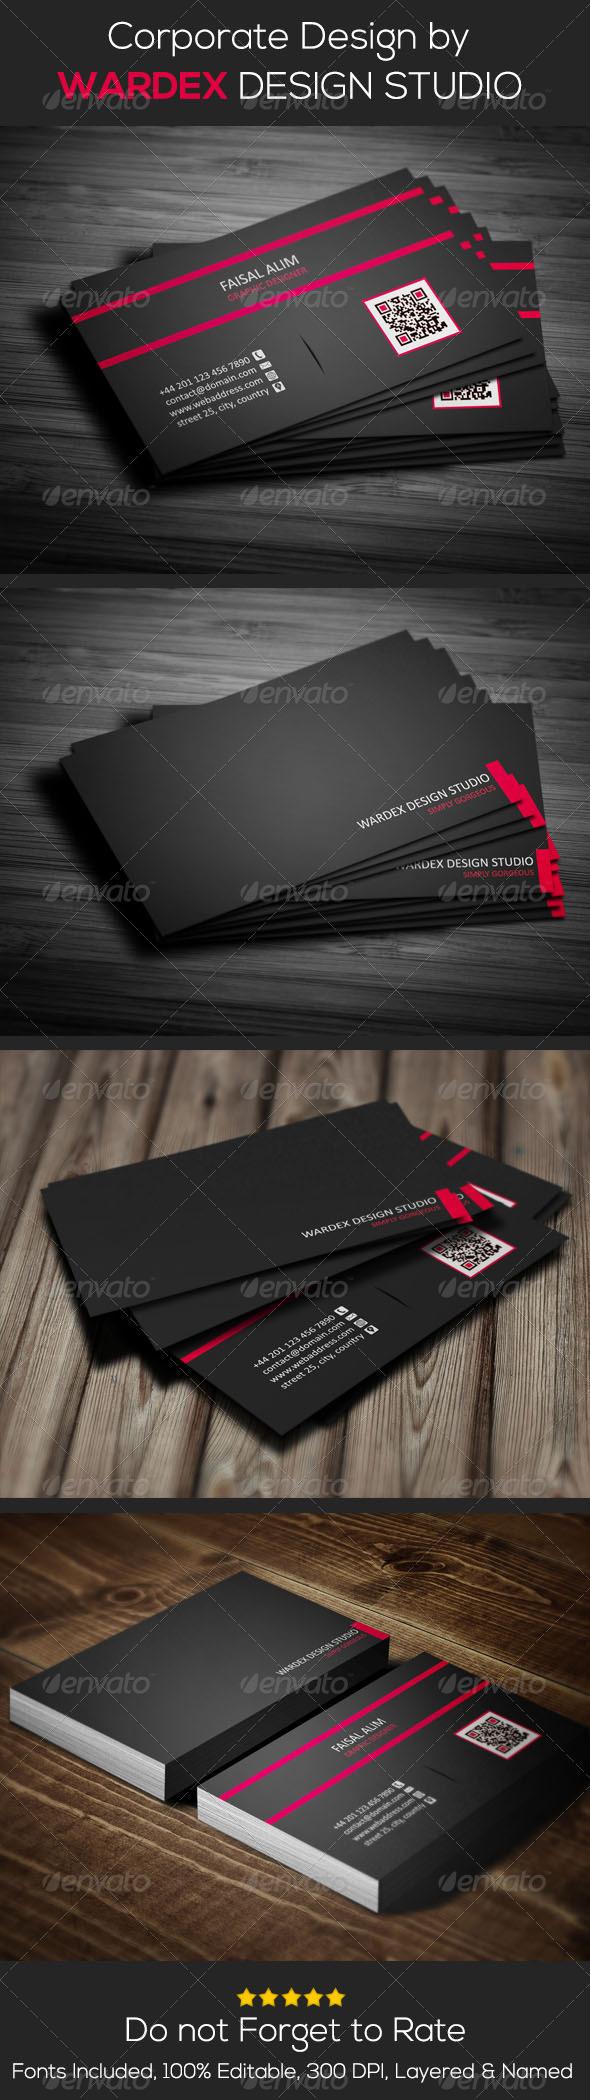 GraphicRiver Corporate & Pro Business Card Design 6819691